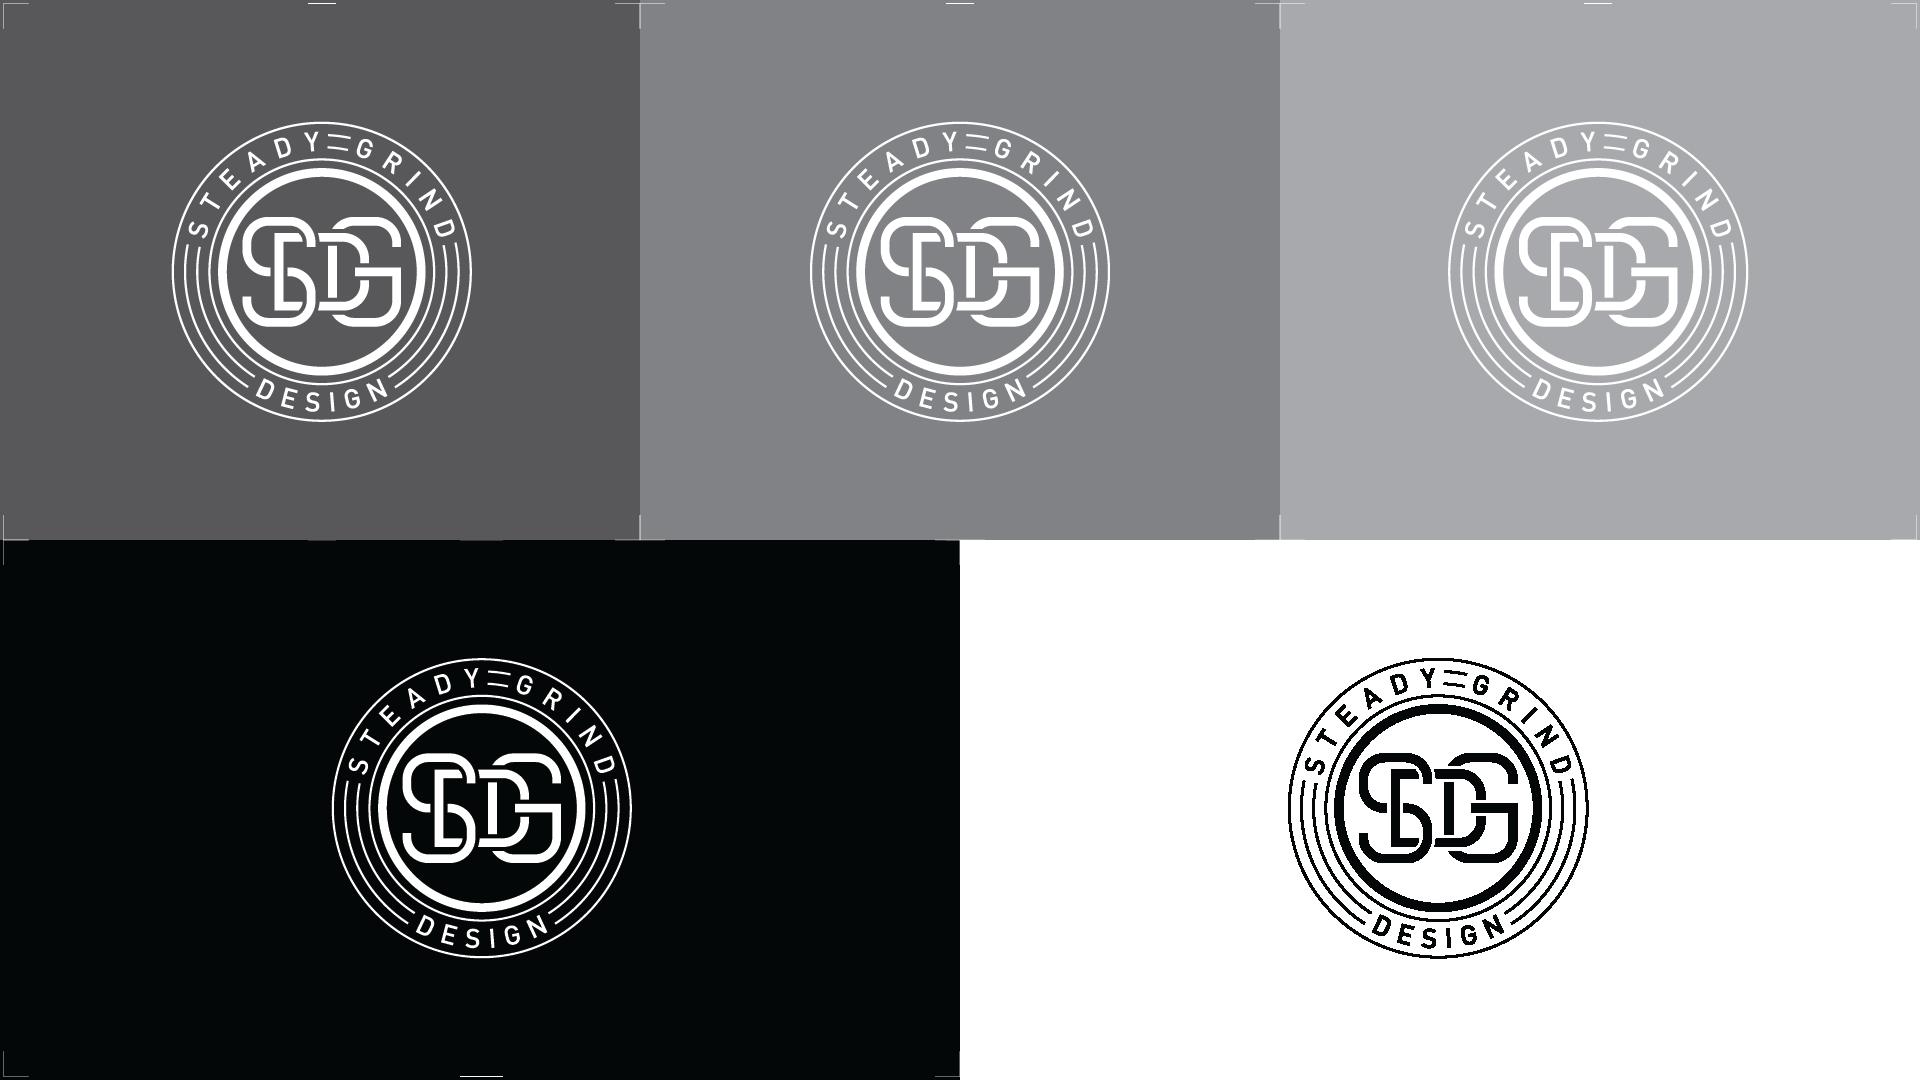 Embarklife_SGD_Logo_Concepts_03-11-2019-02.png